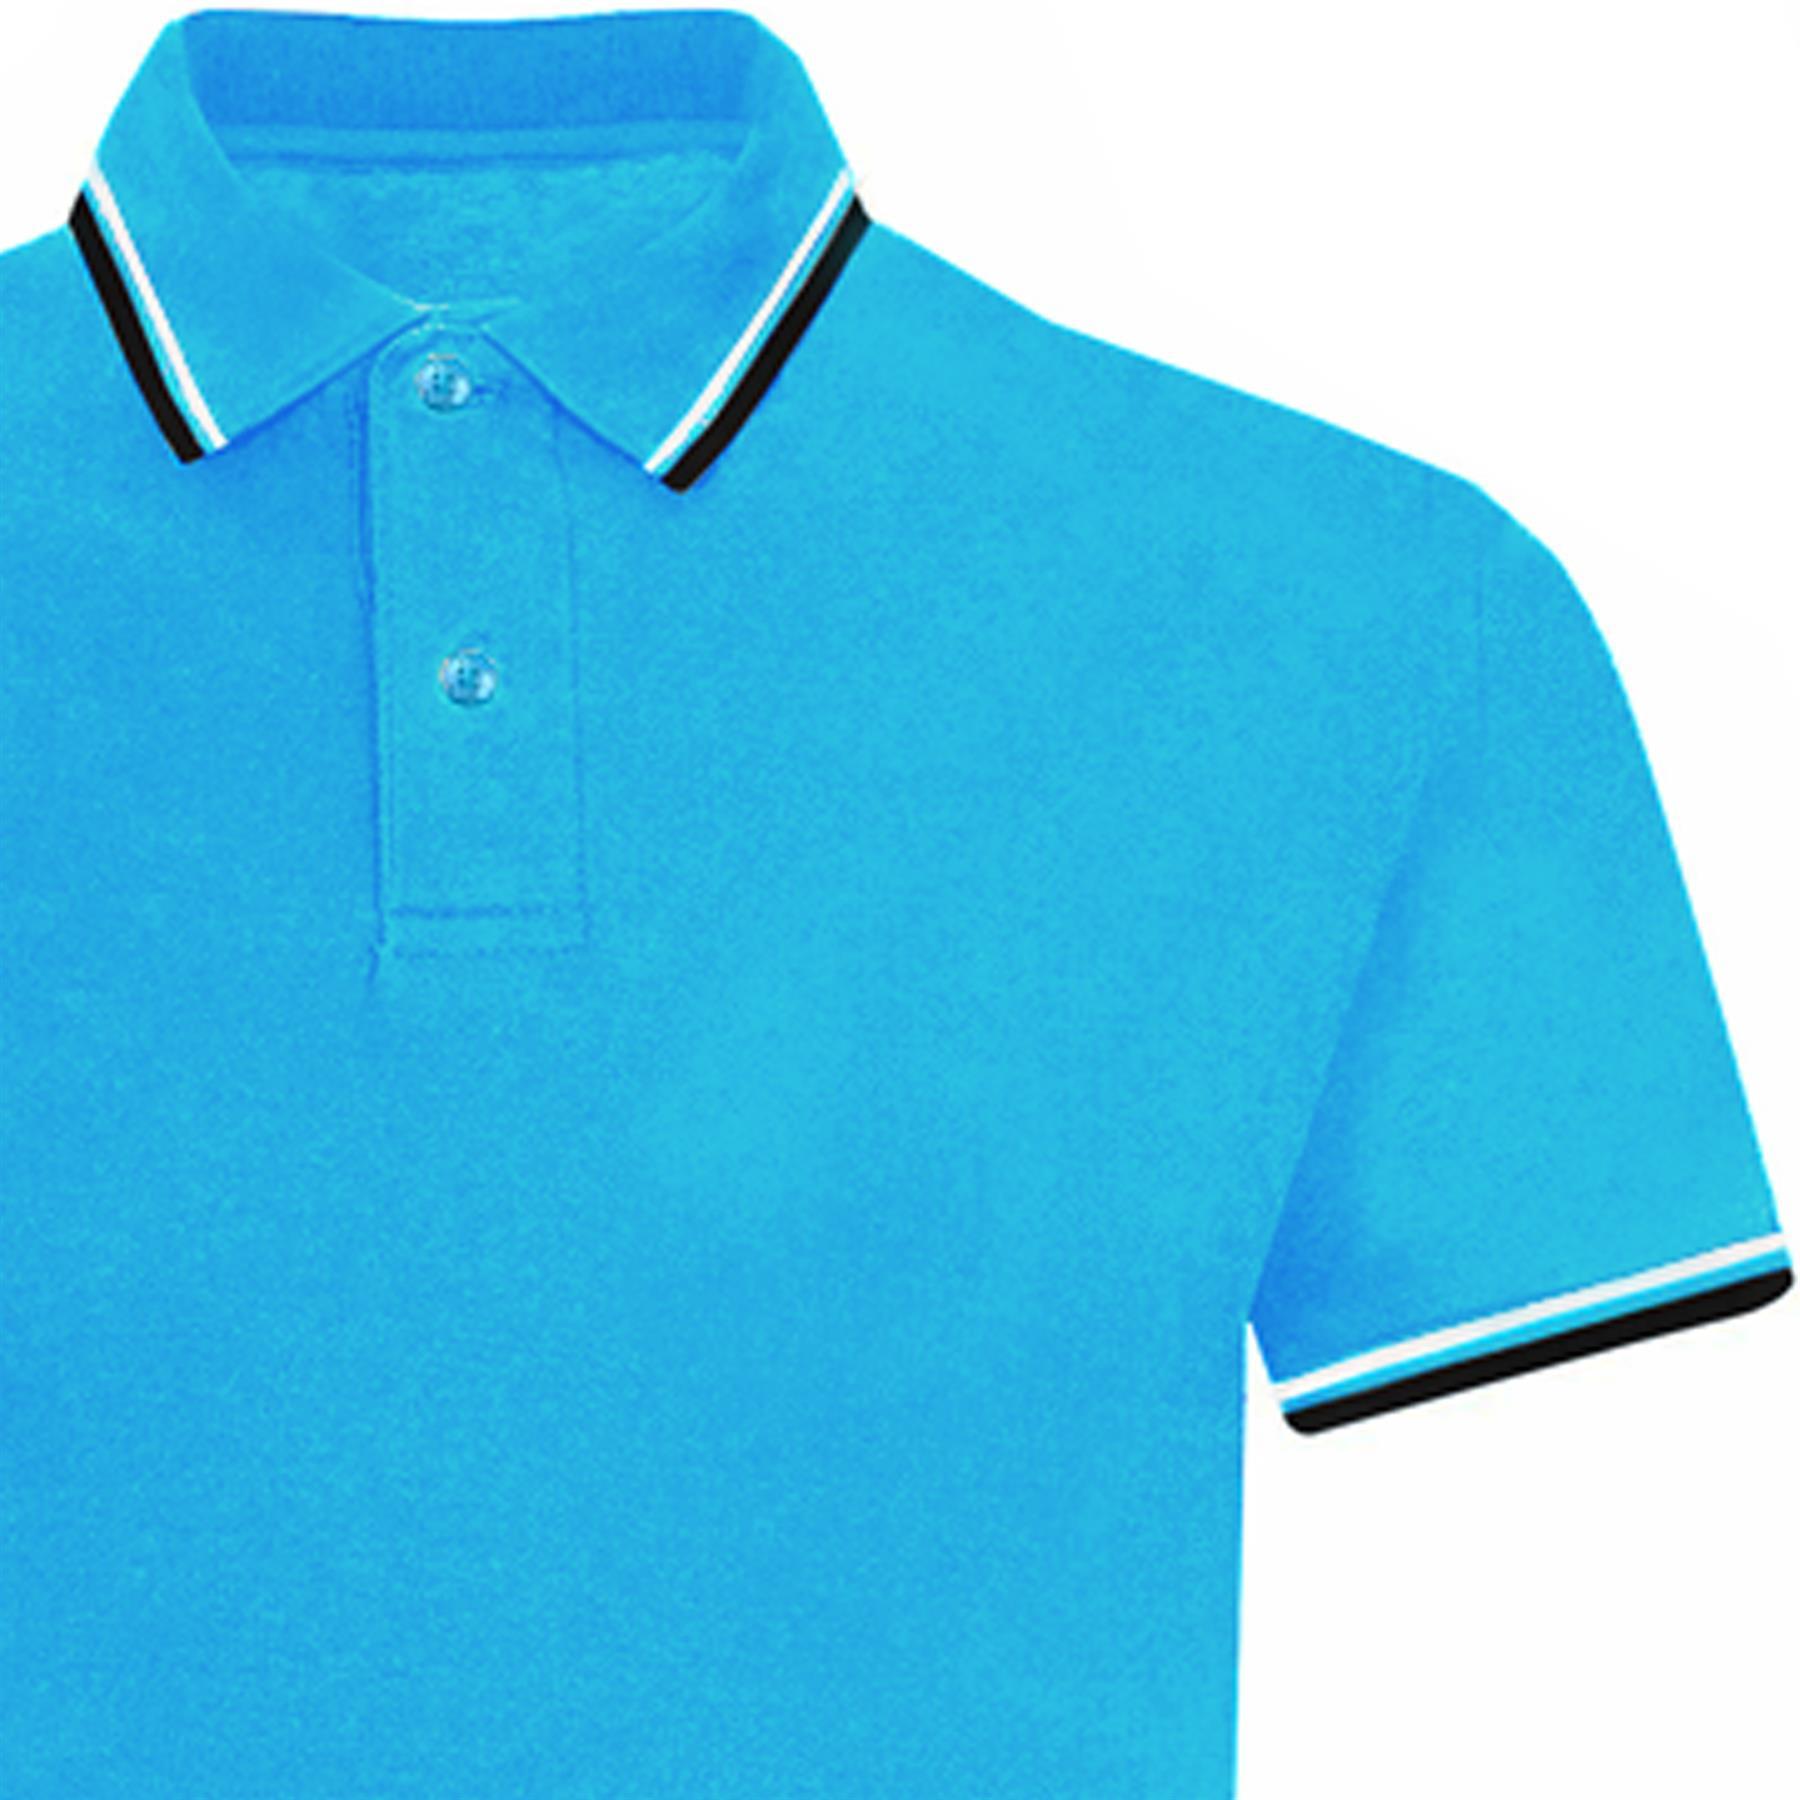 Indexbild 72 - Herren Polohemd Freizeit T-Shirts Neu Schlicht Kurzärmeliges Regular Fit